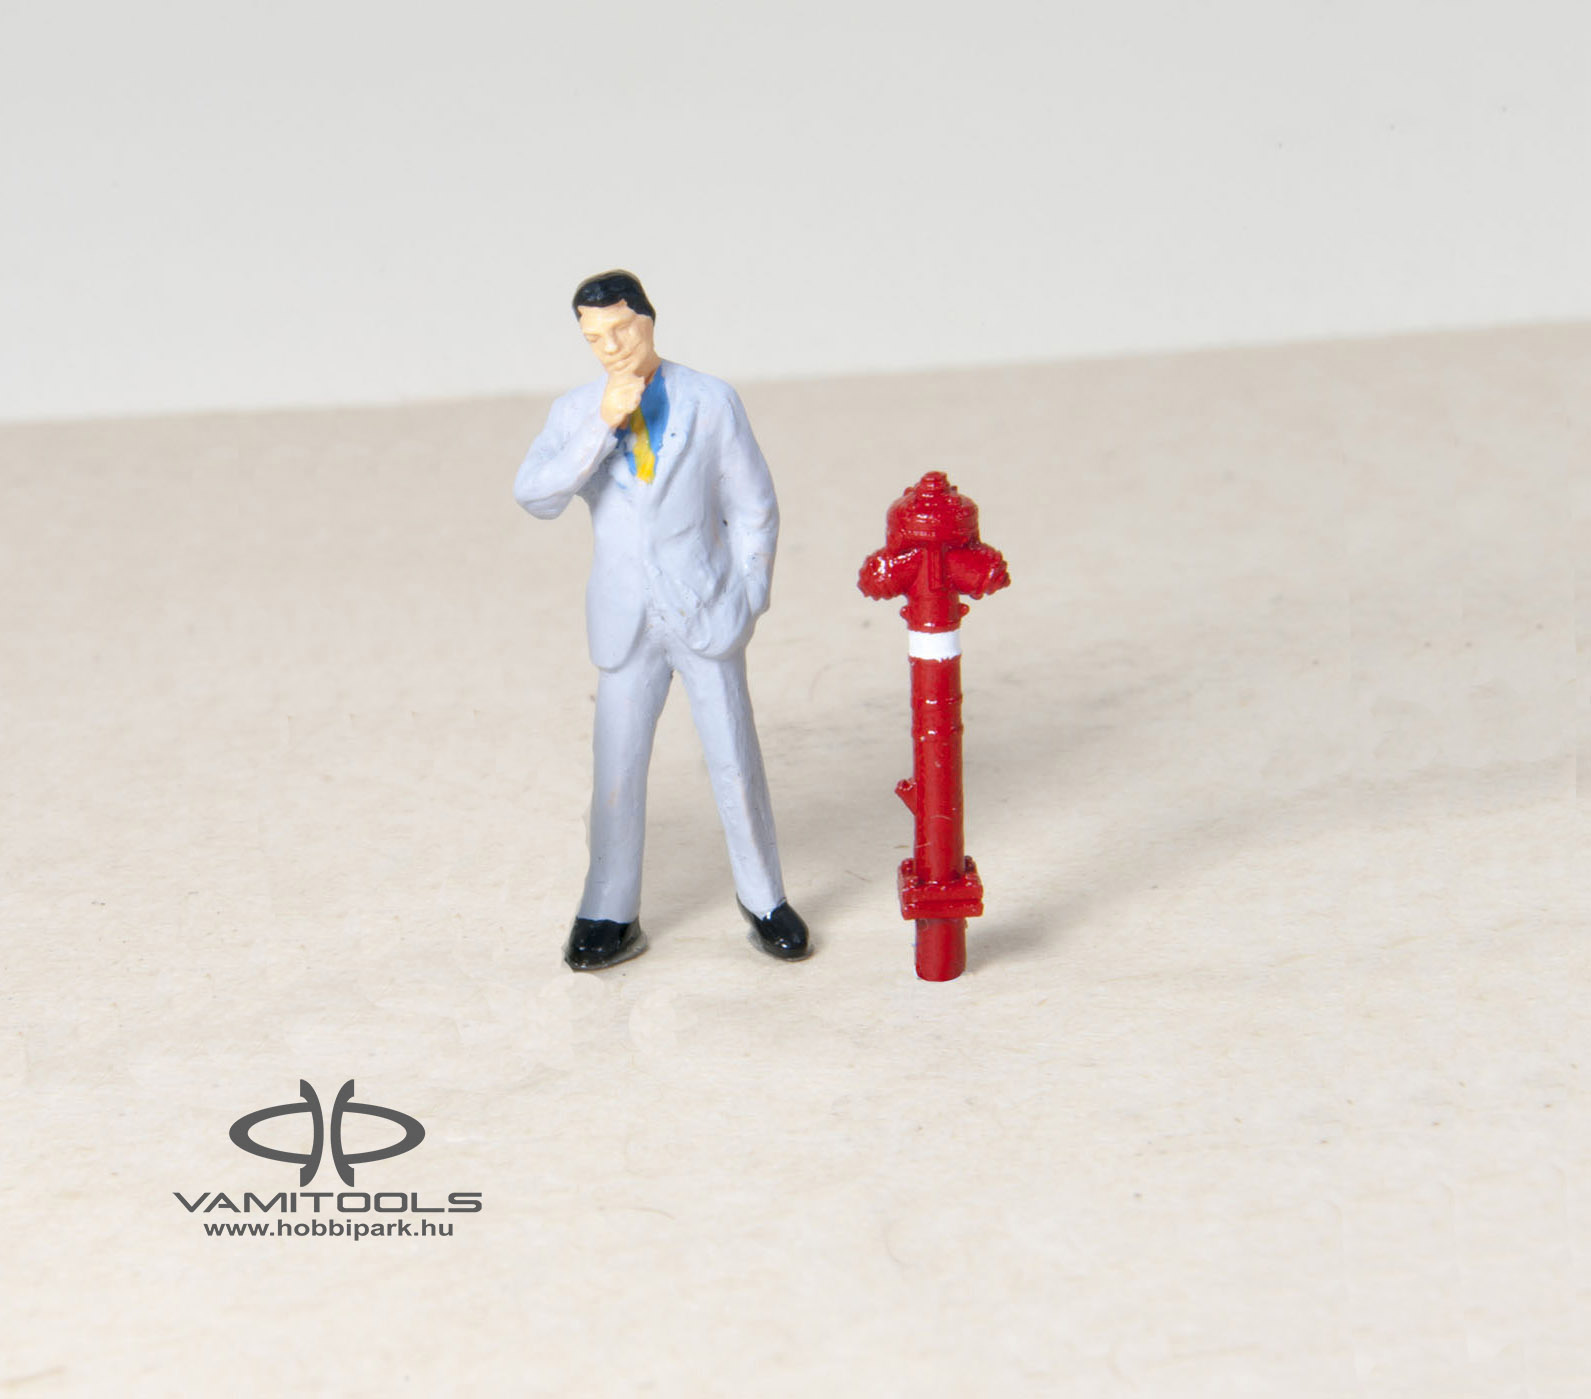 tűzcsap, tűzcsapszekrény, tűzszekrény, terepasztal, dioráma, H0 tűzcsap, H0 tűzcsapszekrény, H0 tűzszekrény, 1:87 tűzcsap, 1:87 tűzcsapszekrény, 1:87 tűzszekrény, TT tűzcsap, TT tűzcsapszekrény, TT tűzszekrény, 1:120 tűzcsap, 1:120 tűzcsapszekrény, 1:120 tűzszekrény, N tűzcsap, N tűzcsapszekrény, N tűzszekrény, 1:160 tűzcsap, 1:160 tűzcsapszekrény, 1:160 tűzszekrény, modell tűzcsap, modell tűzcsapszekrény, modell tűzszekrény, makett tűzcsap, makett tűzcsapszekrény, makett tűzszekrény